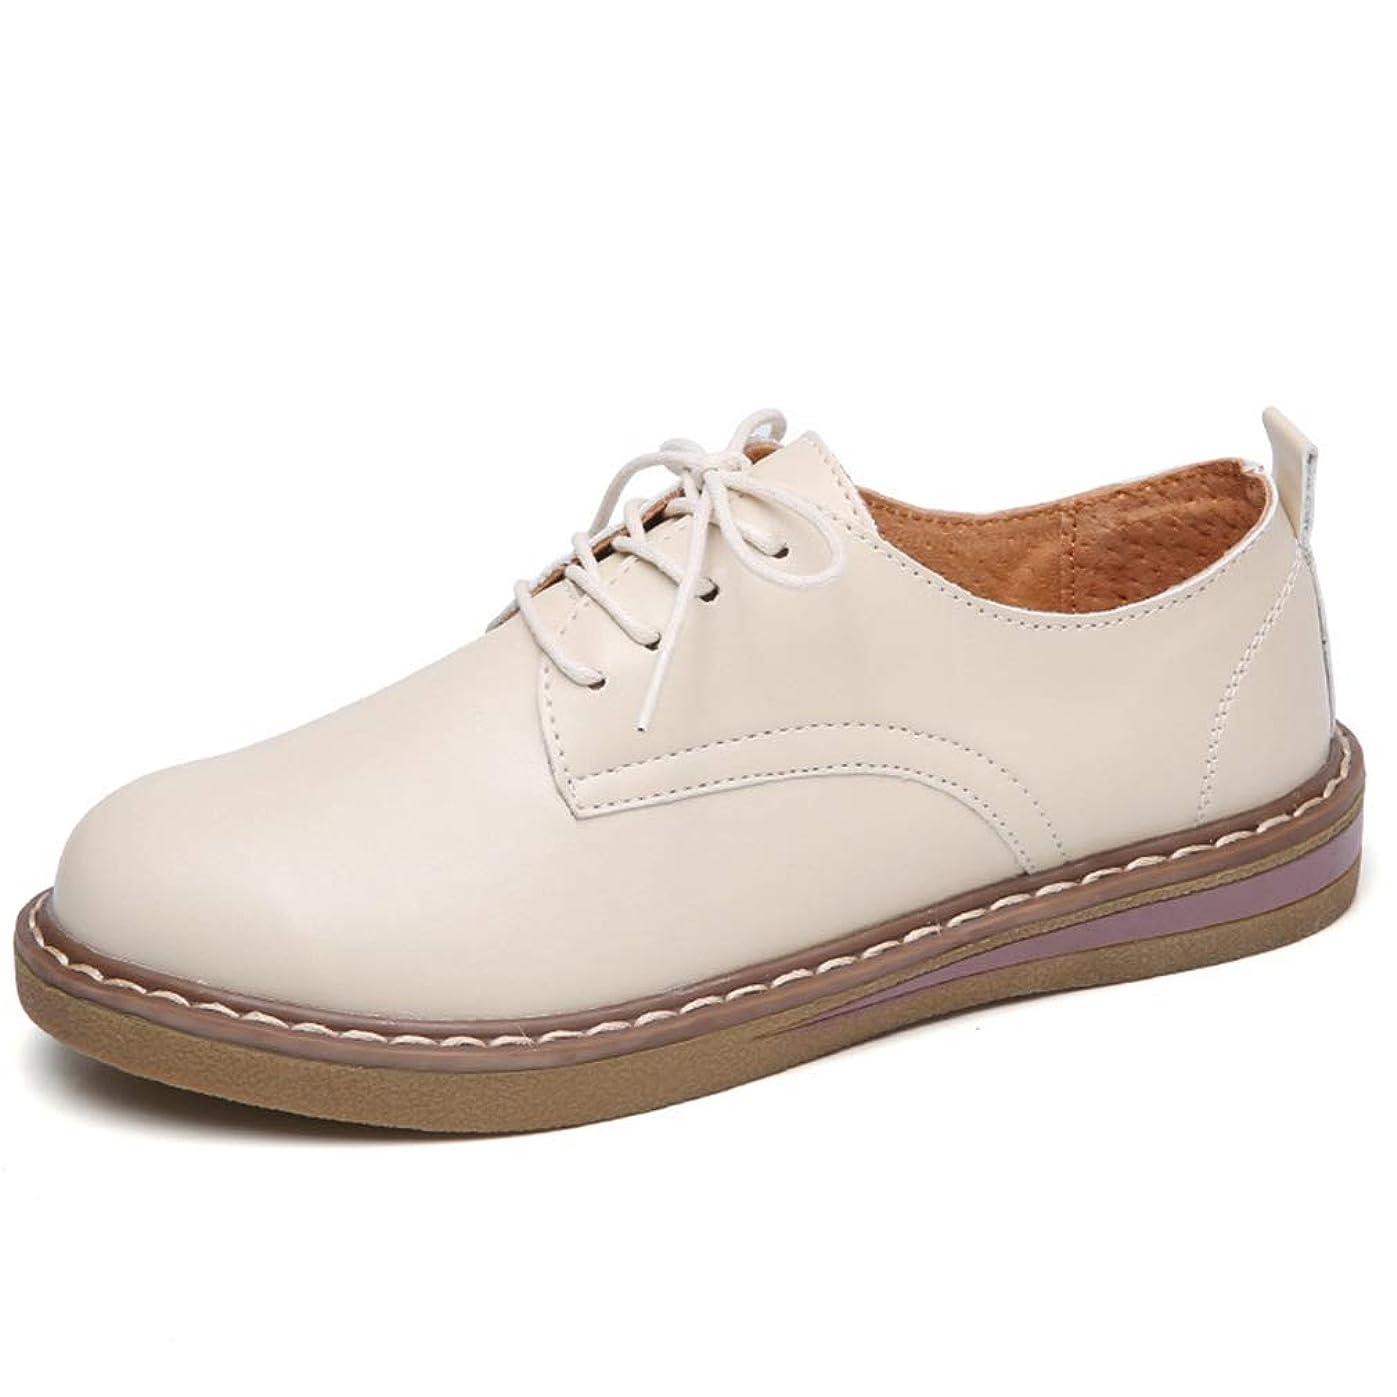 ぶら下がるジャベスウィルソンアンドリューハリディシューズ 靴 レディース フラットシューズ パンプス ぺたんこ ローヒール チャンキーヒール コンフォート カジュアルレディース歩きやすい 疲れない 痛くない 幅広 歩き心地 おしゃれ シンプル